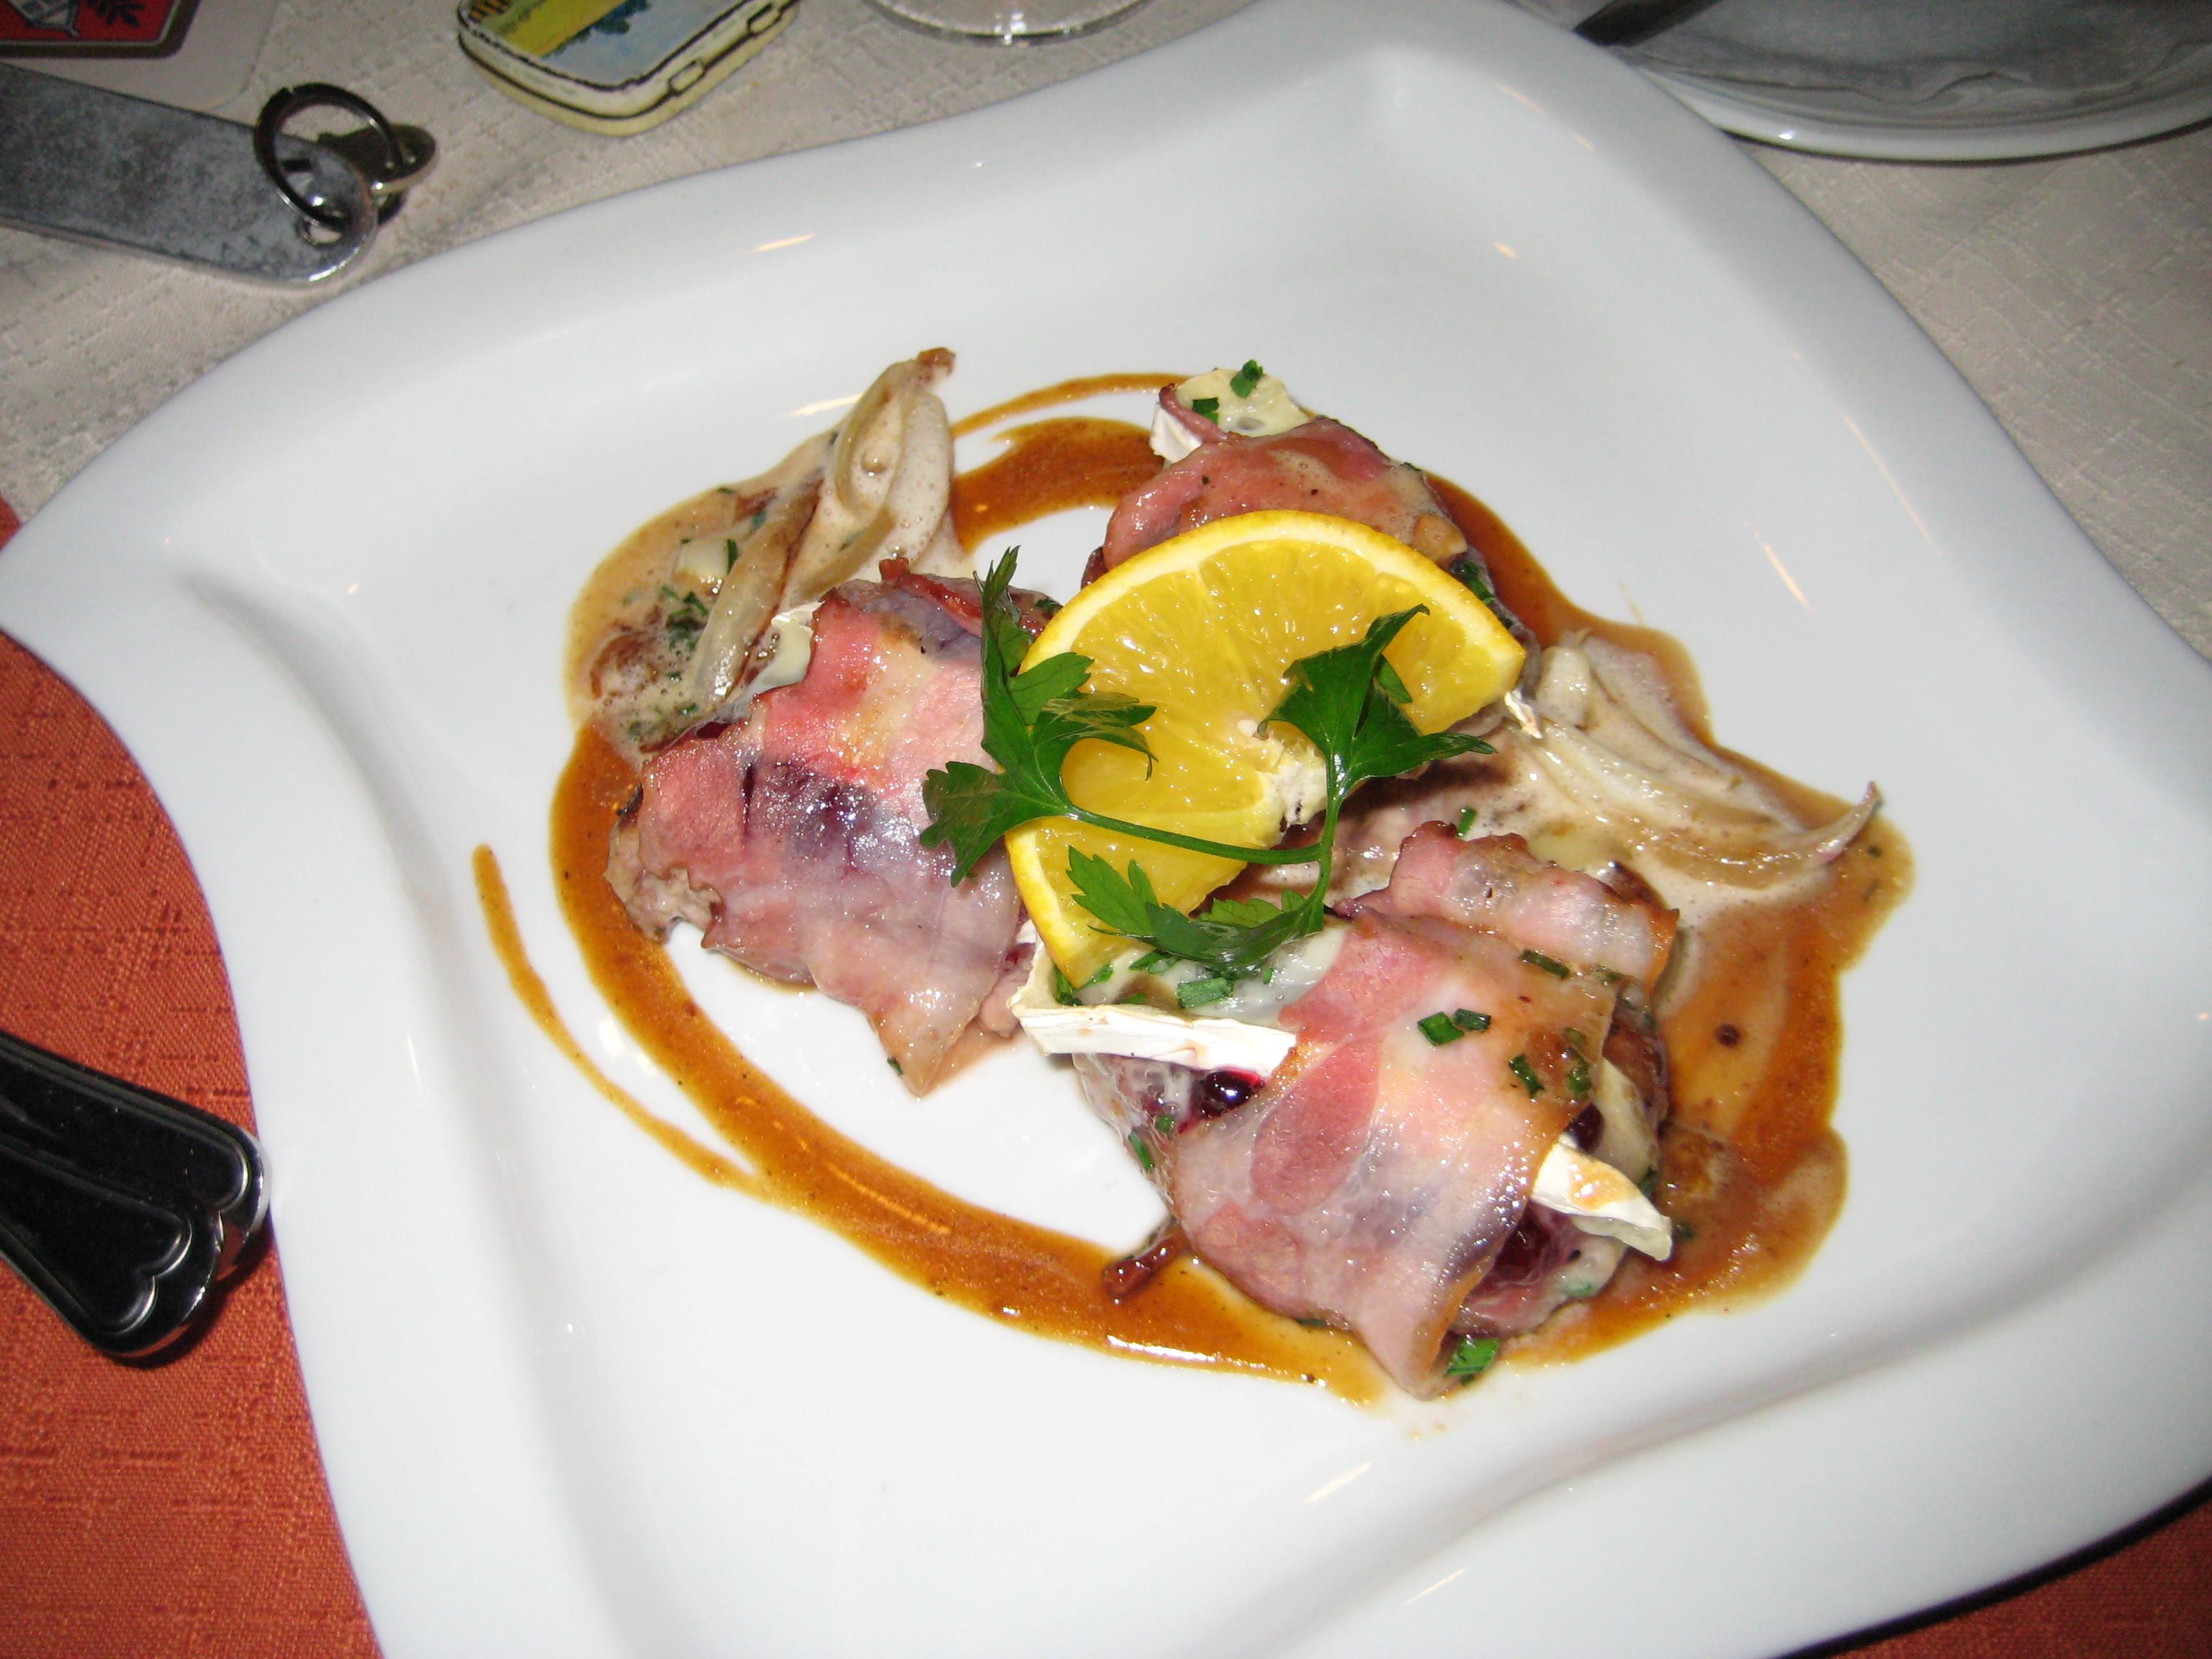 http://foodloader.net/youhardt_2009-10-15_Schweinemedaillons_mit_Speck_und_Preiselbeeren_umm.jpg